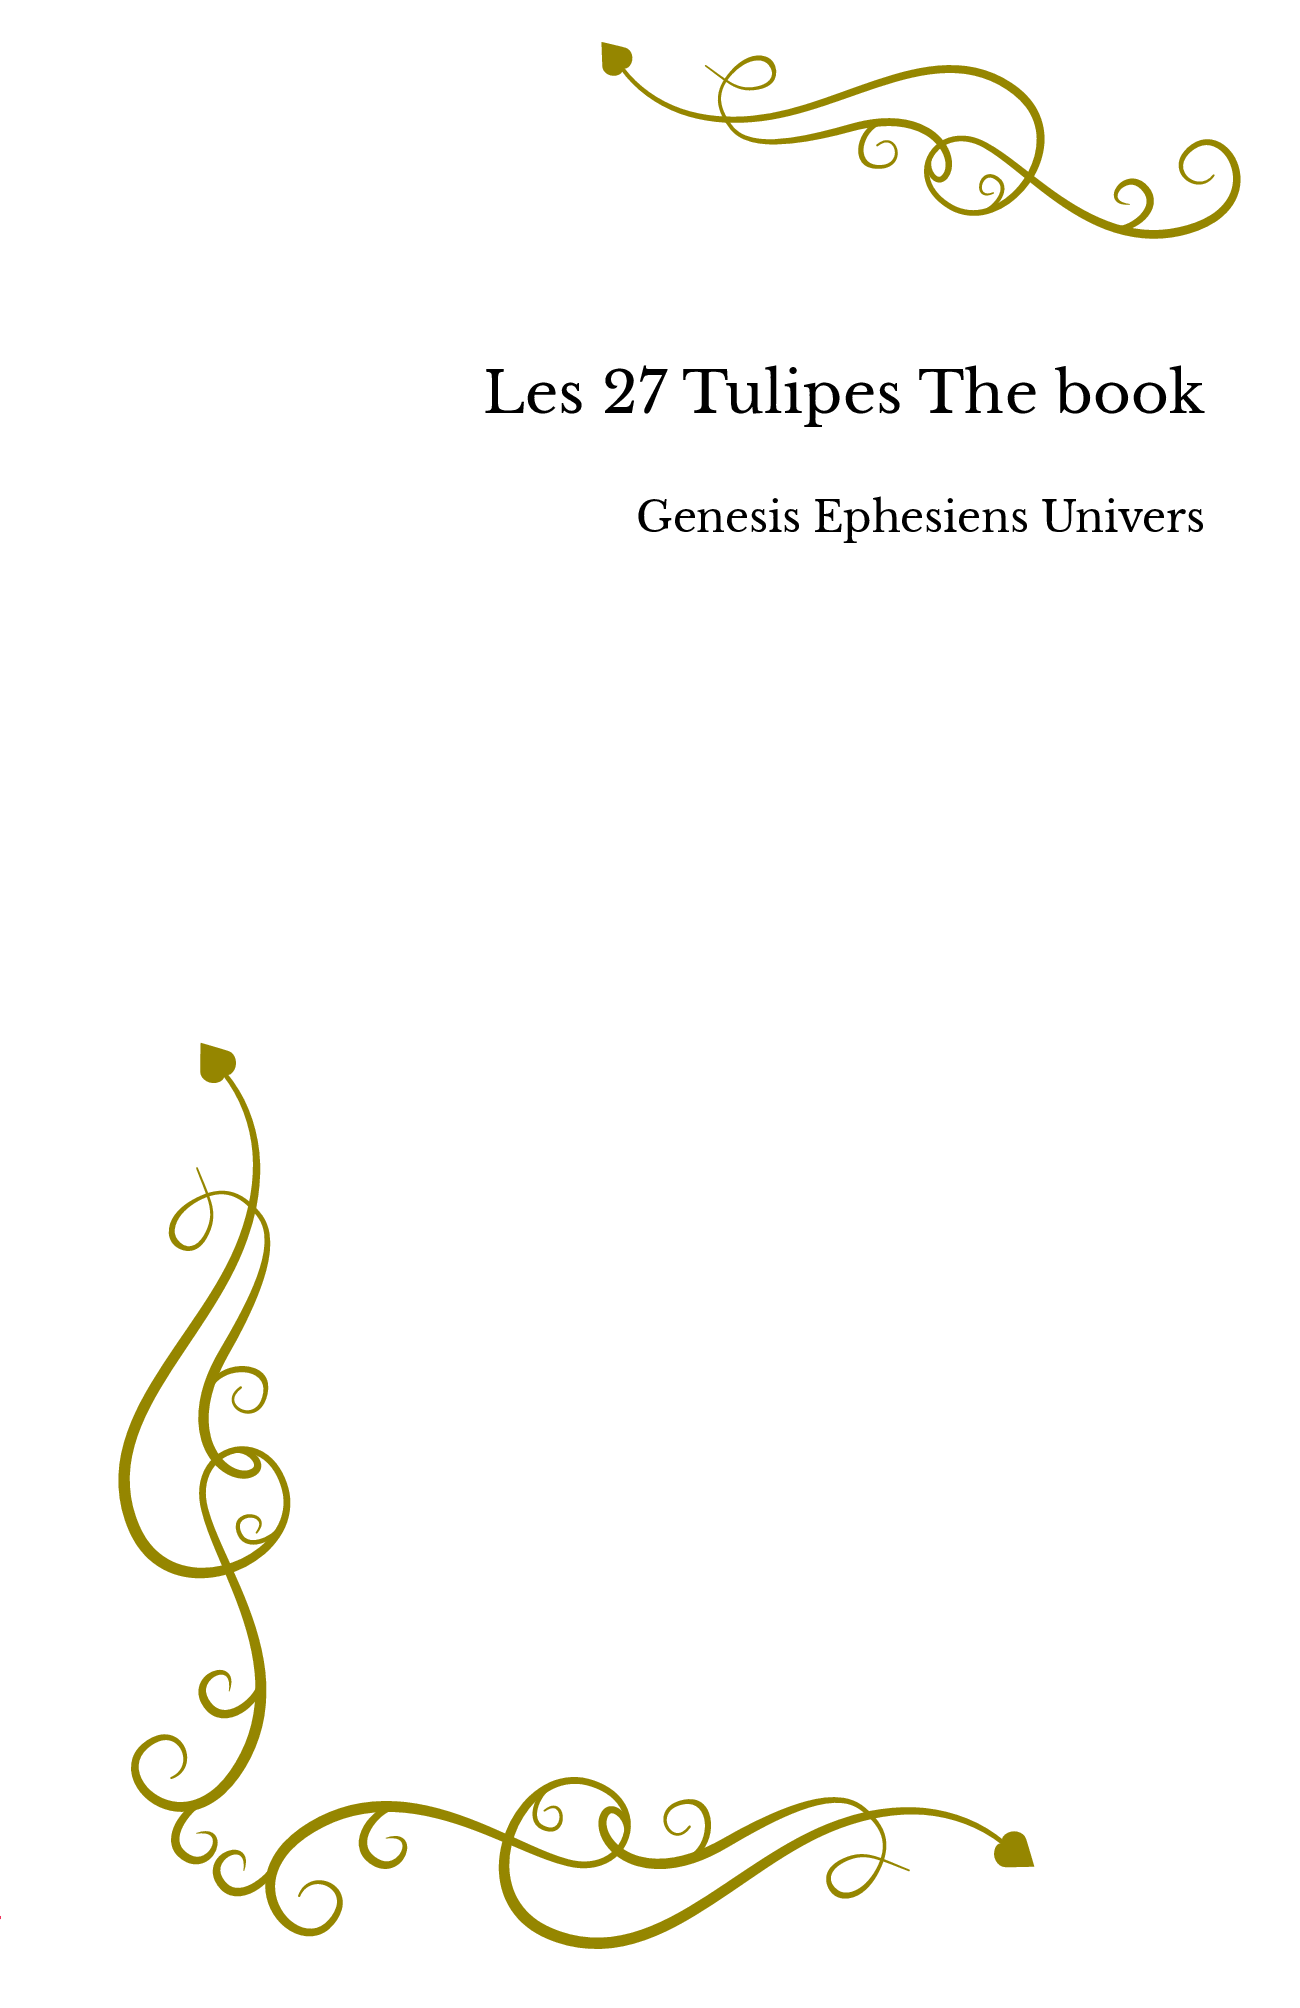 Les 27 Tulipes The book